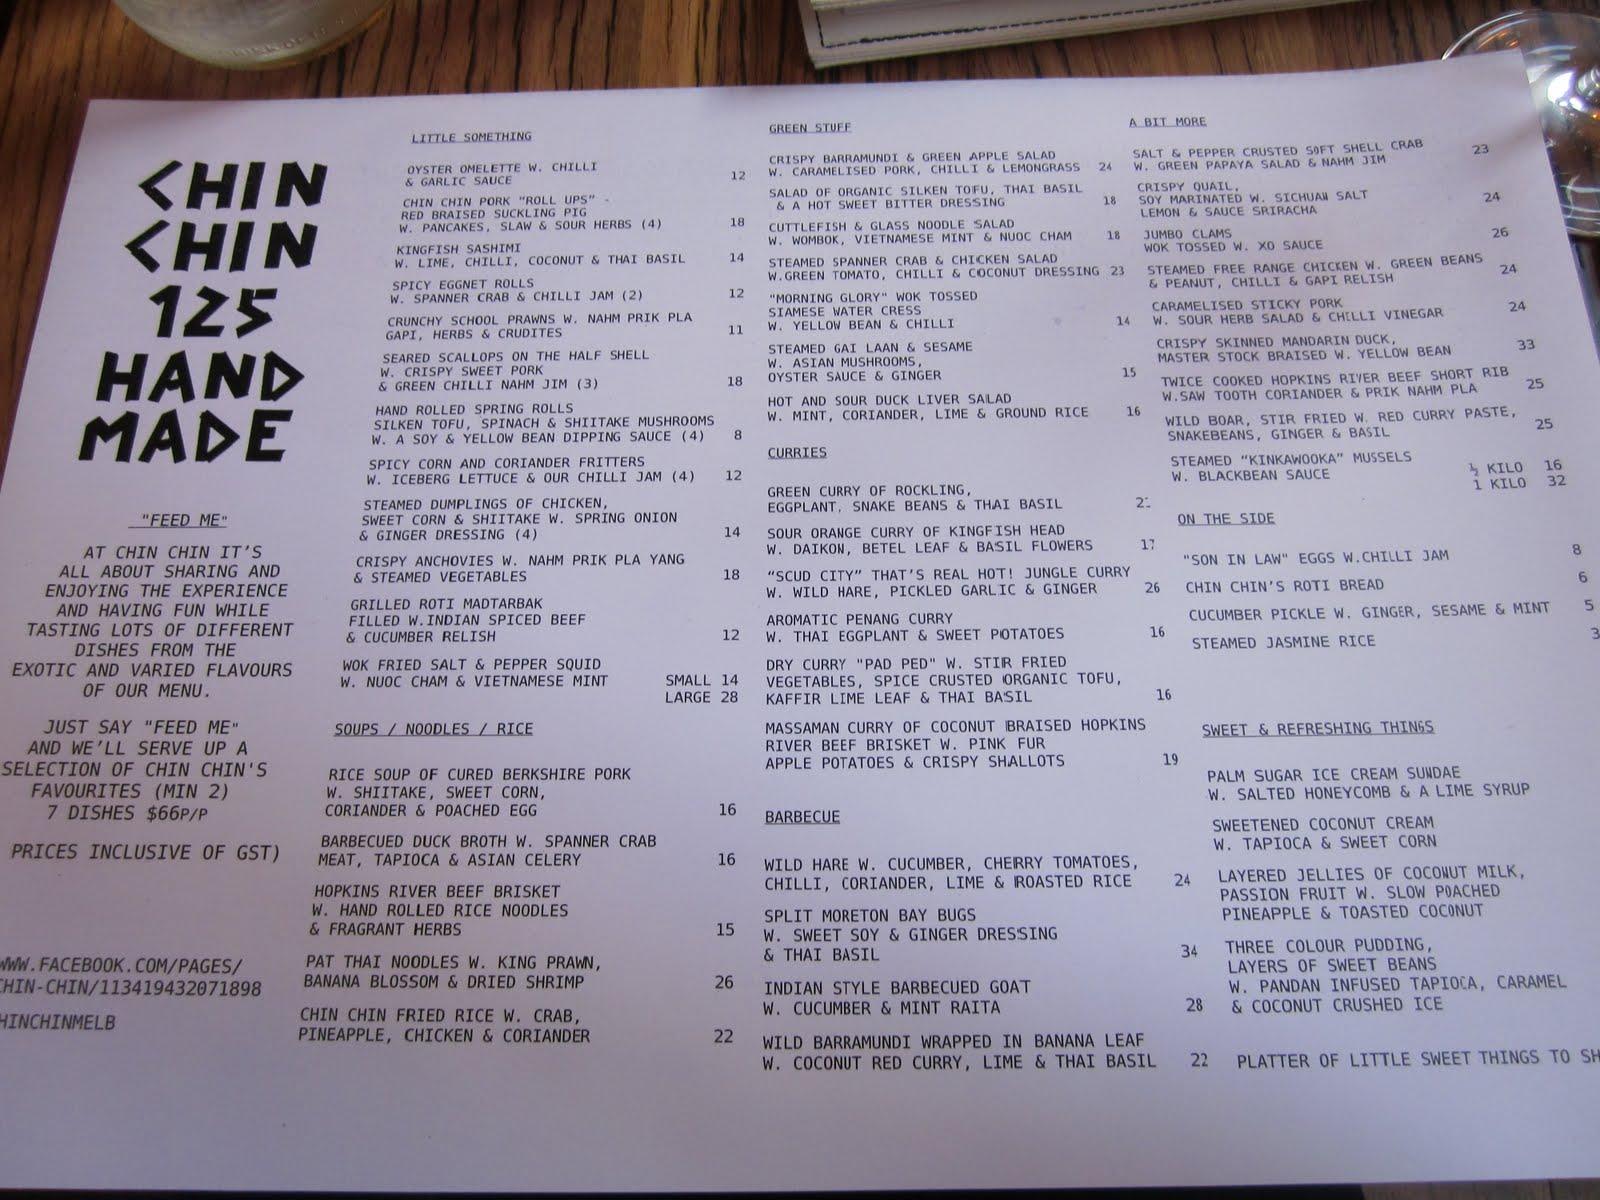 Chin Chin Restaurant Menu